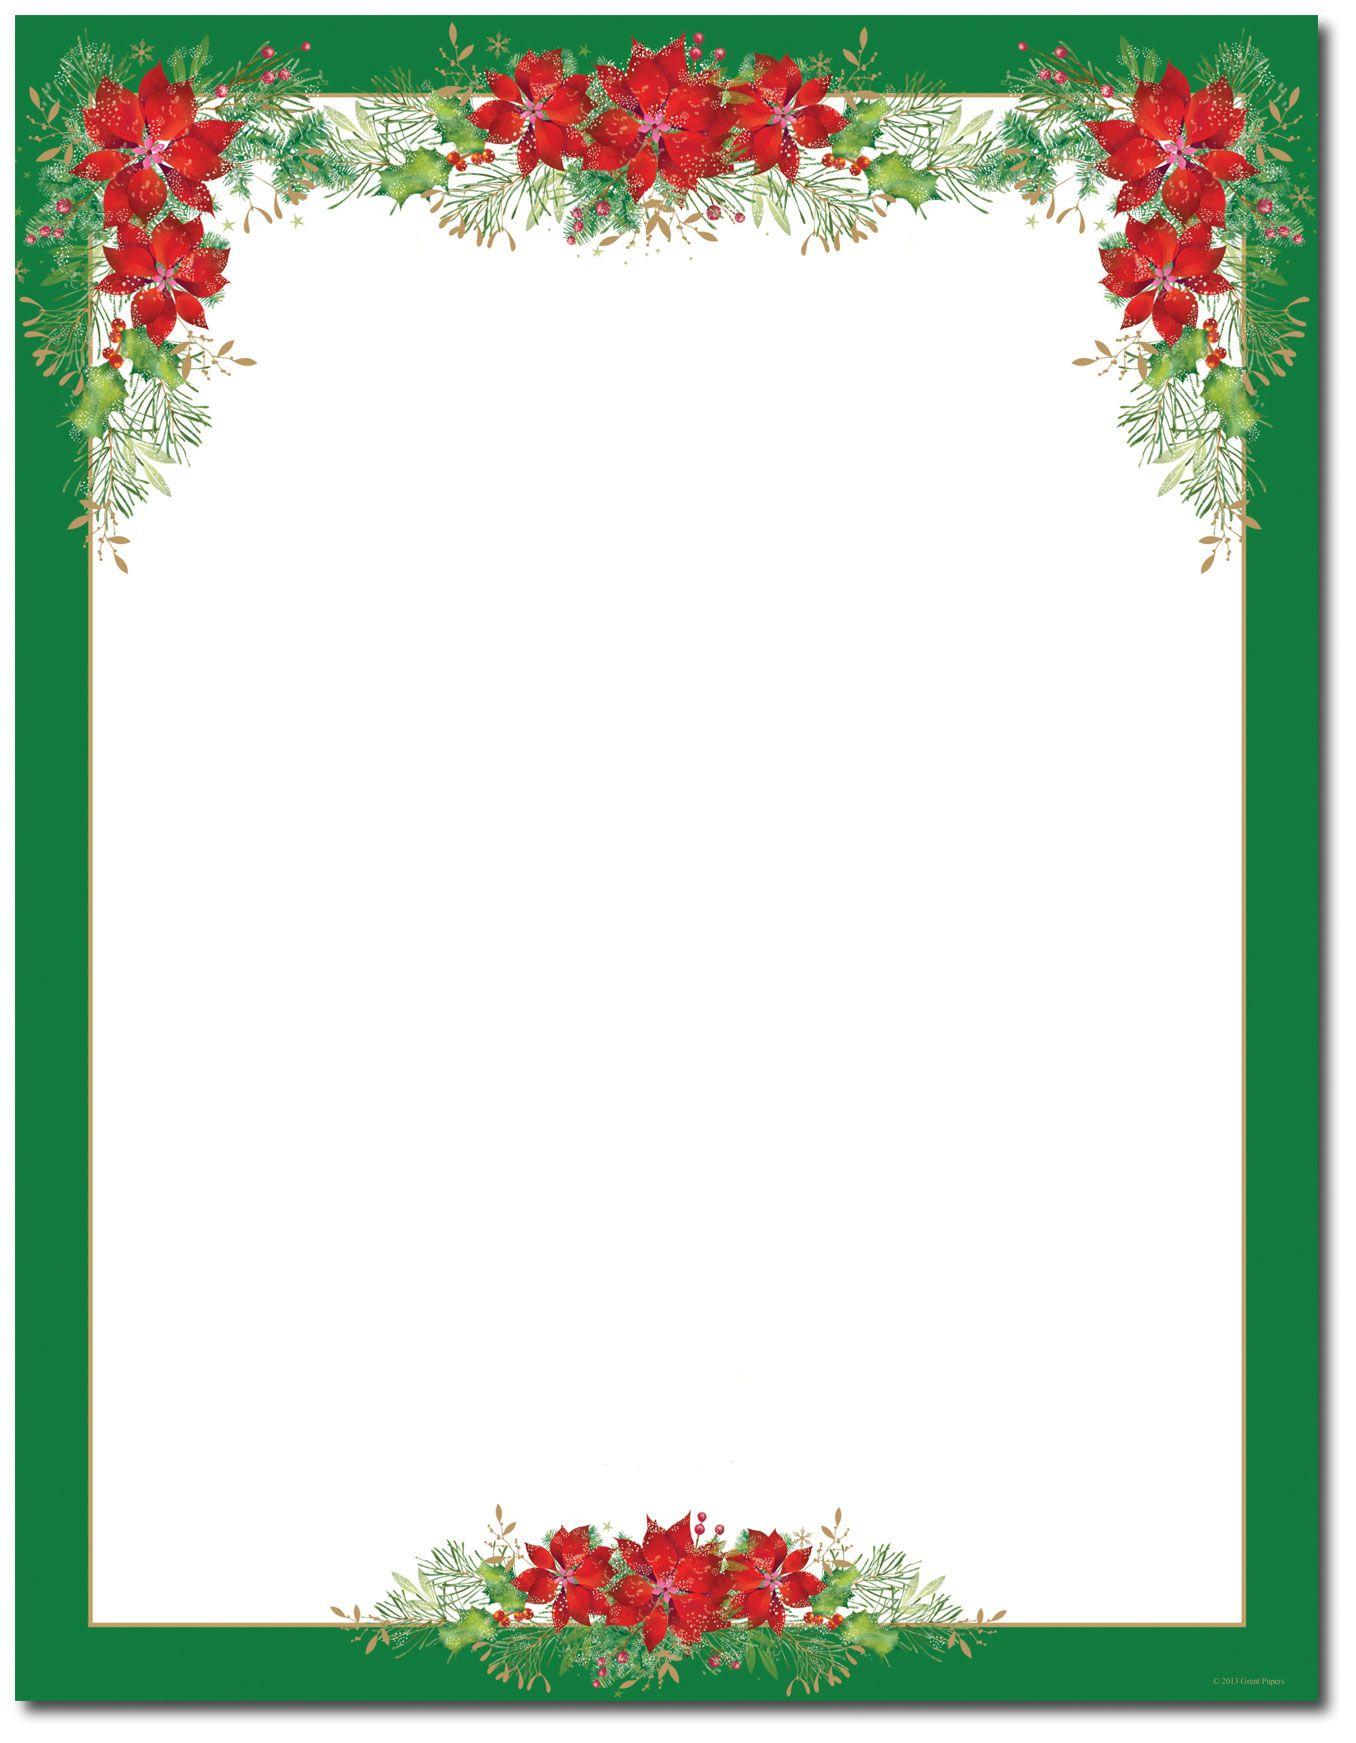 Free Printable Christmas Stationary Borders – Festival Collections - Free Printable Christmas Stationary